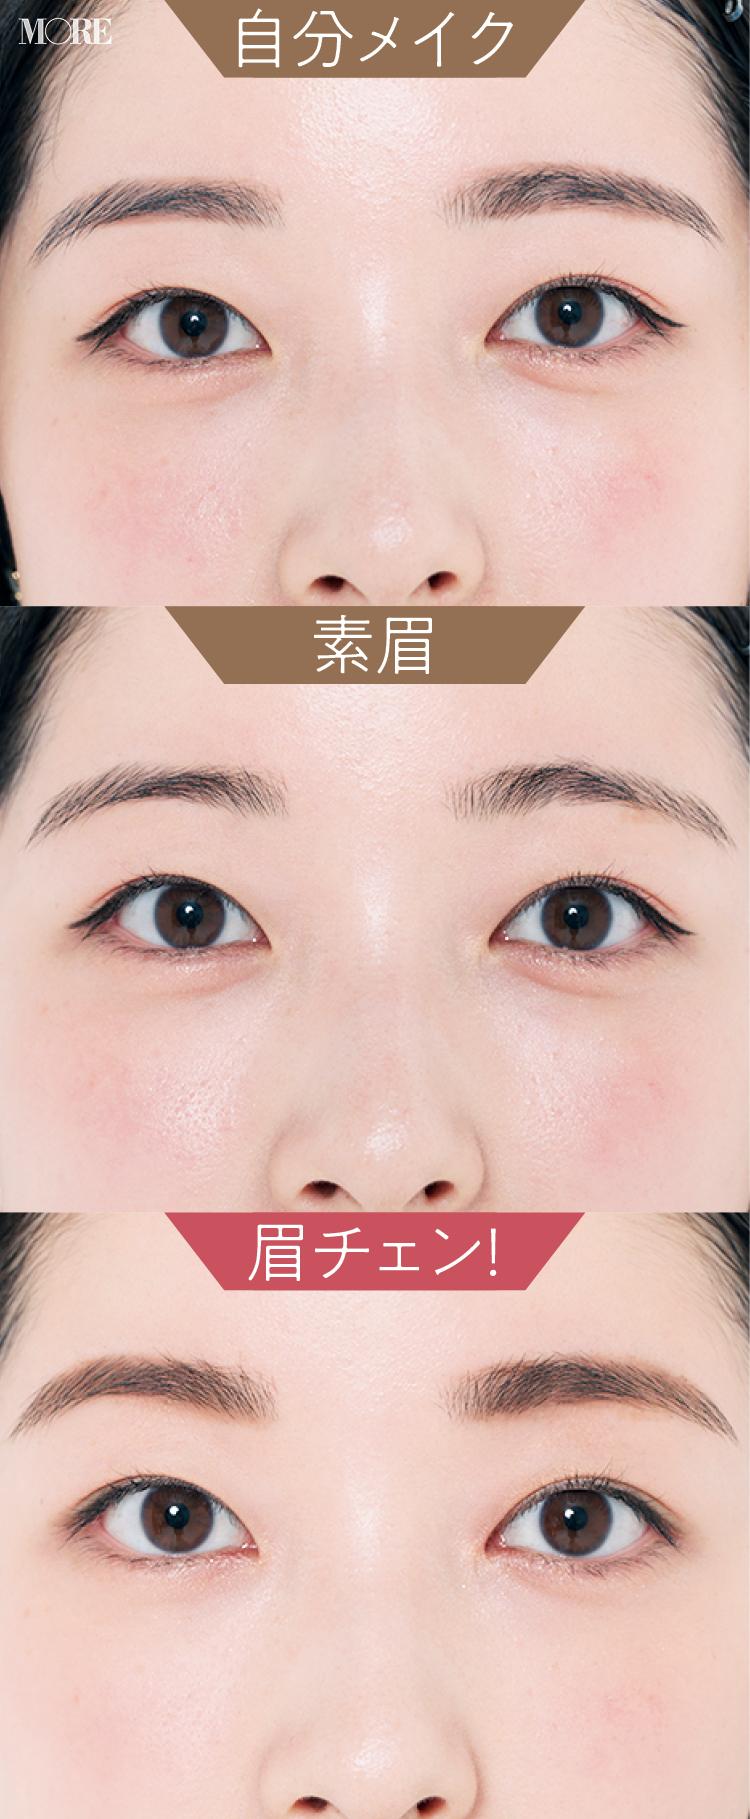 眉毛の整え方特集 -【世界一正しい眉のお手入れ法】など、眉迷子のための眉メイクの基本まとめ_87